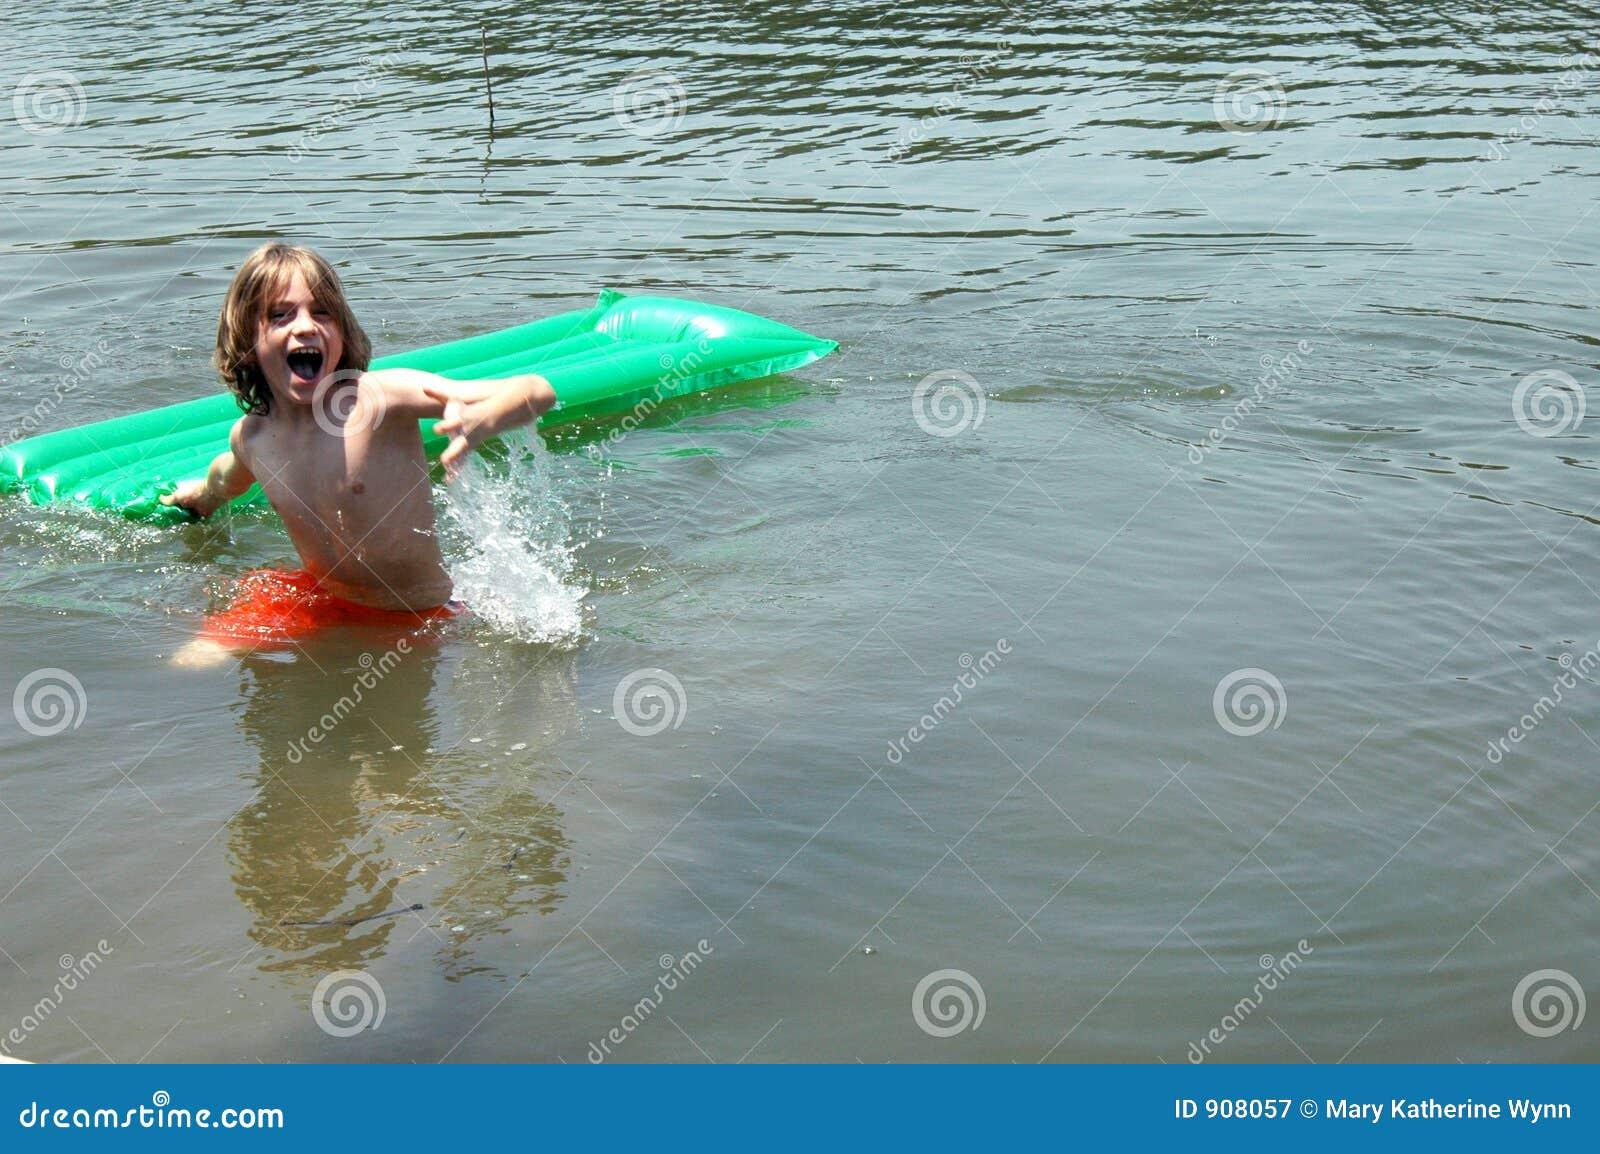 Fun in Lake